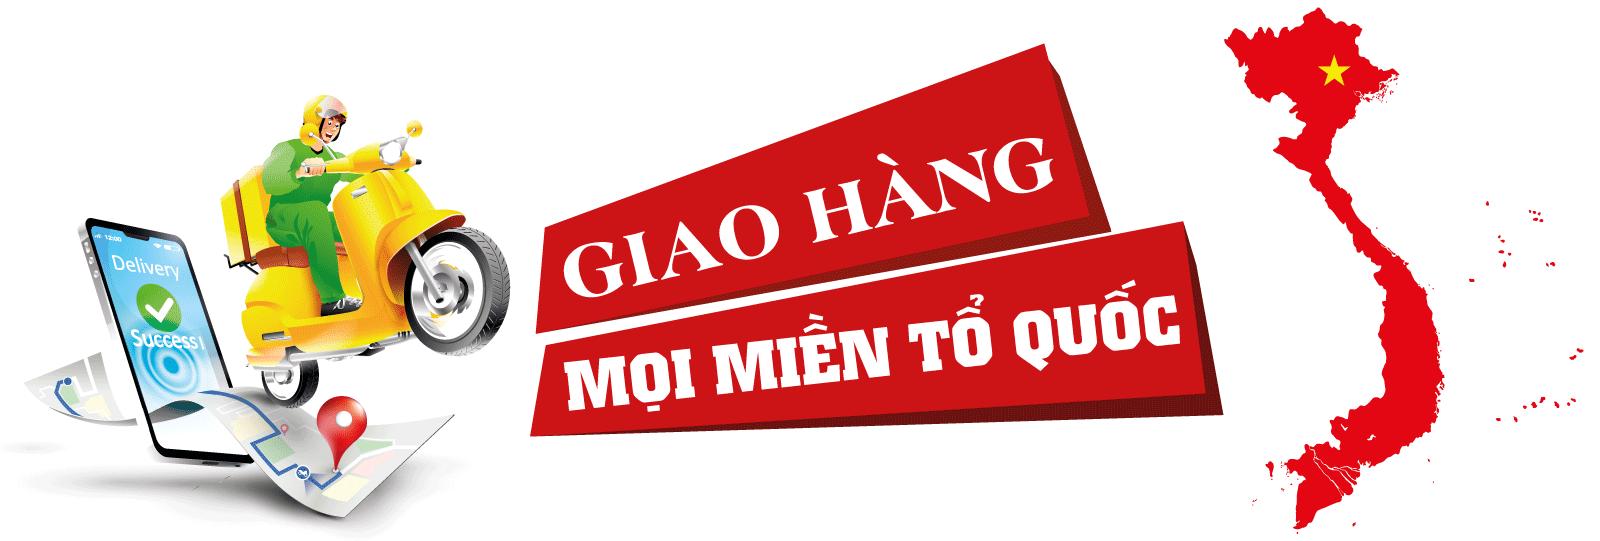 Hanoicomputer giao hàng toàn quốc